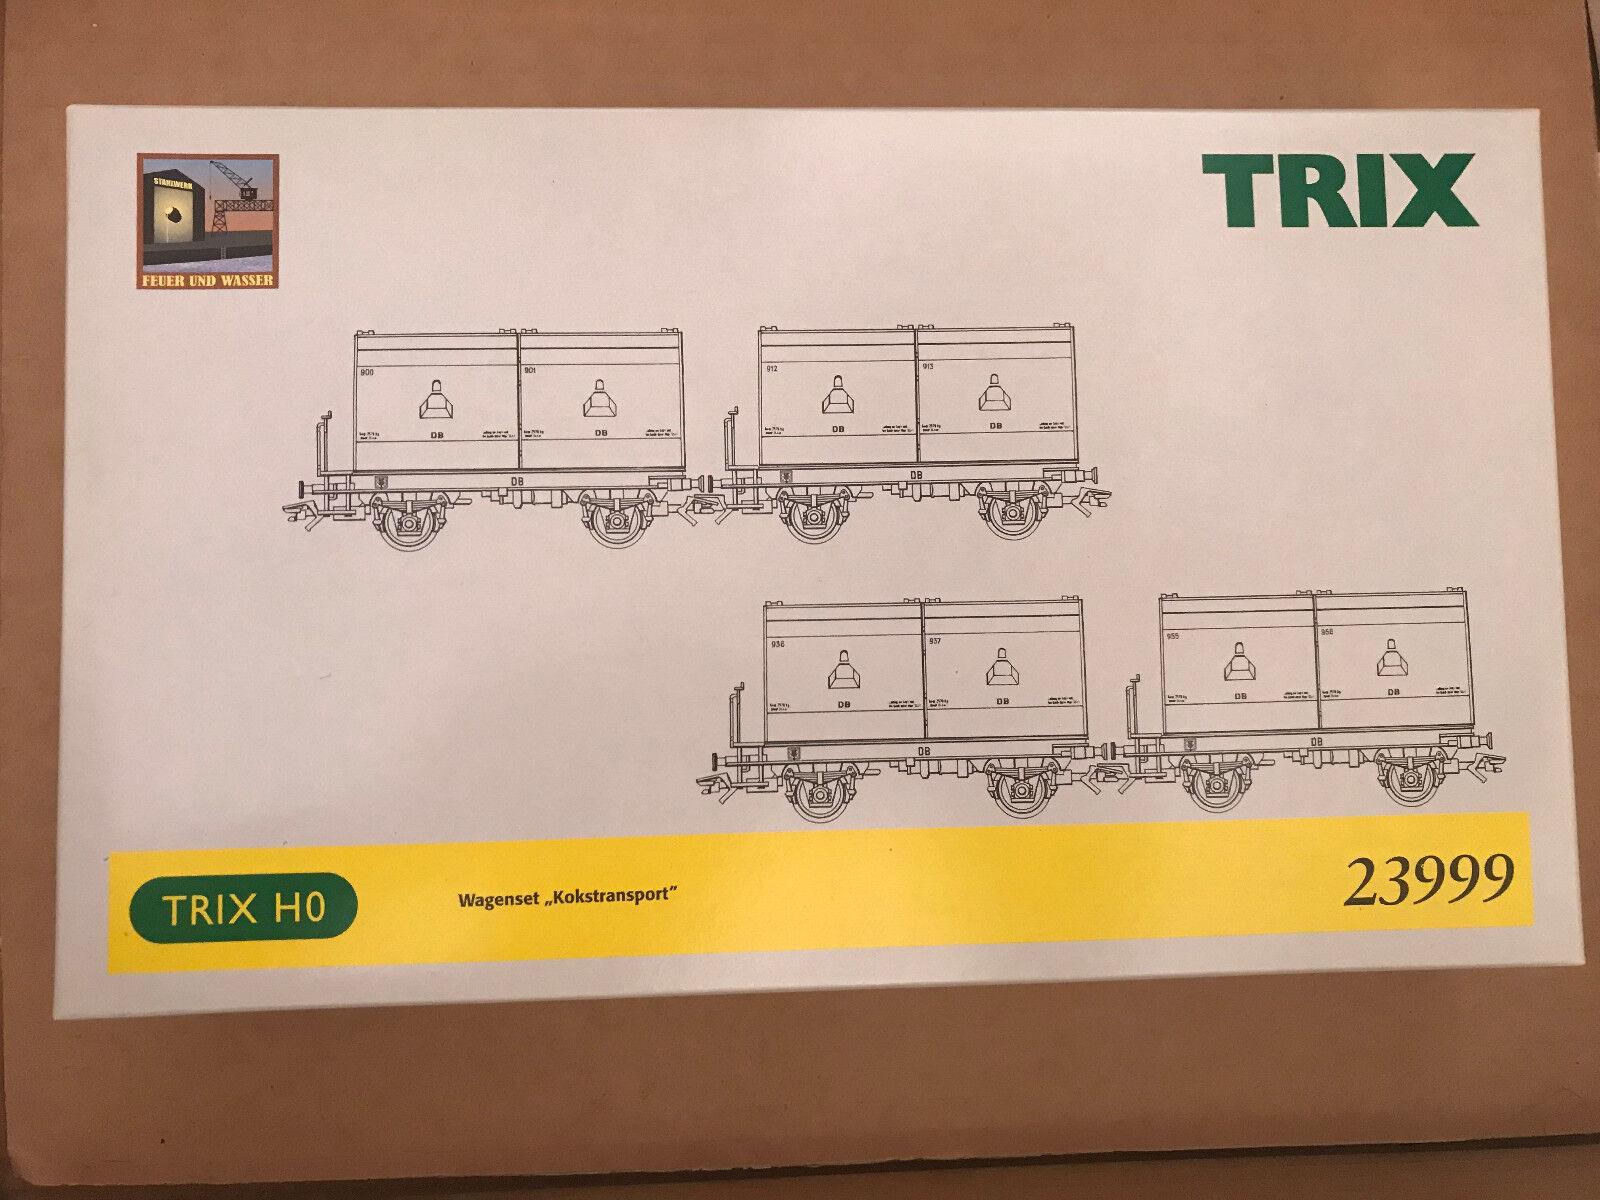 a la venta Trix 23999 H0 Set Set Set de Vagones  Kokstransport  Nuevo + Emb.orig  ¡no ser extrañado!